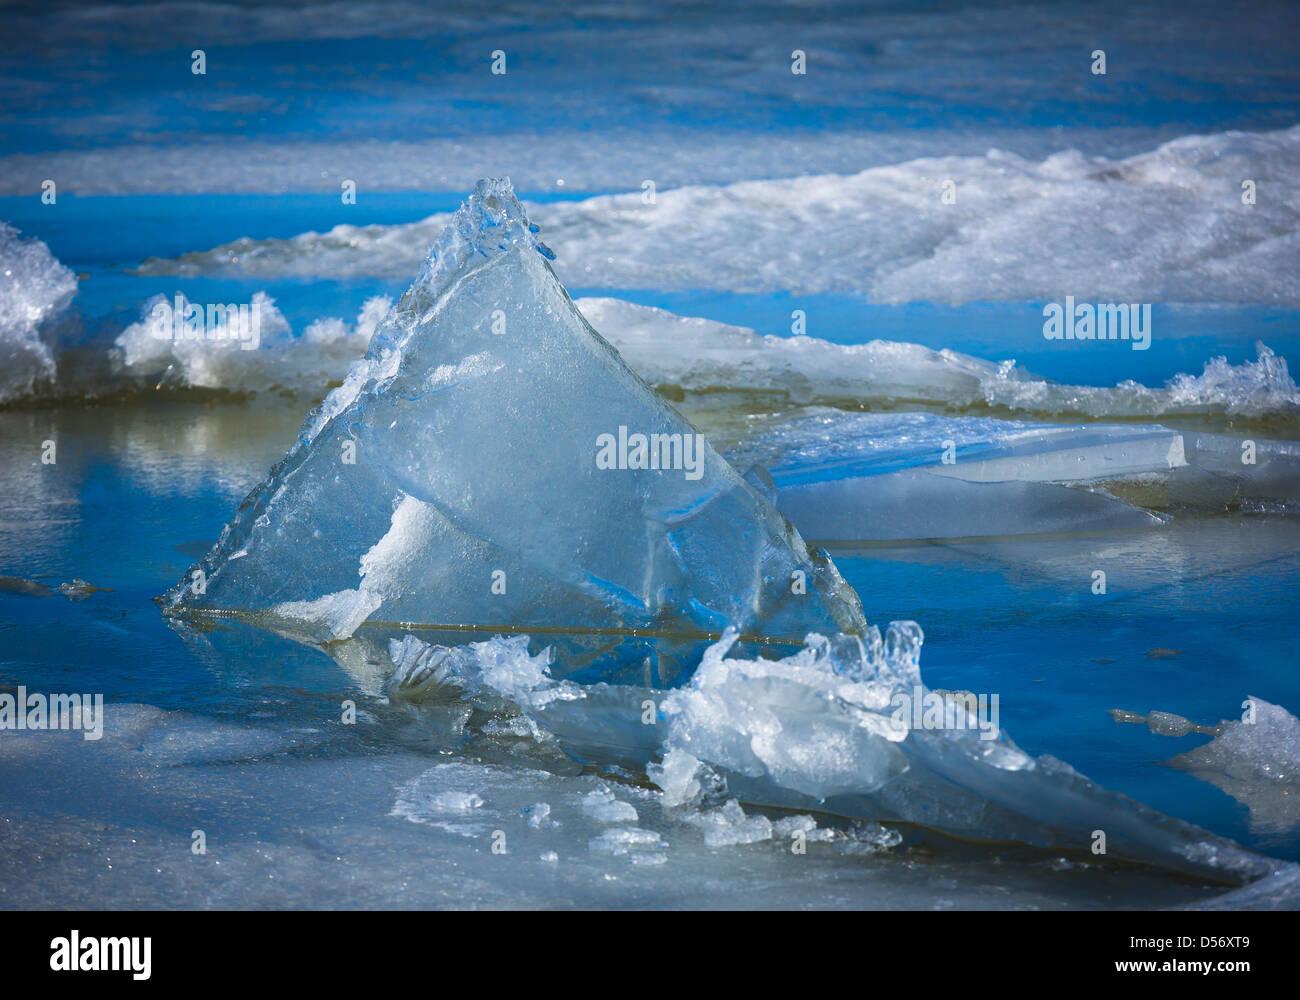 Hoja triangular de hielo en la parte superior del Lago Klamath en el sur de Oregon Imagen De Stock